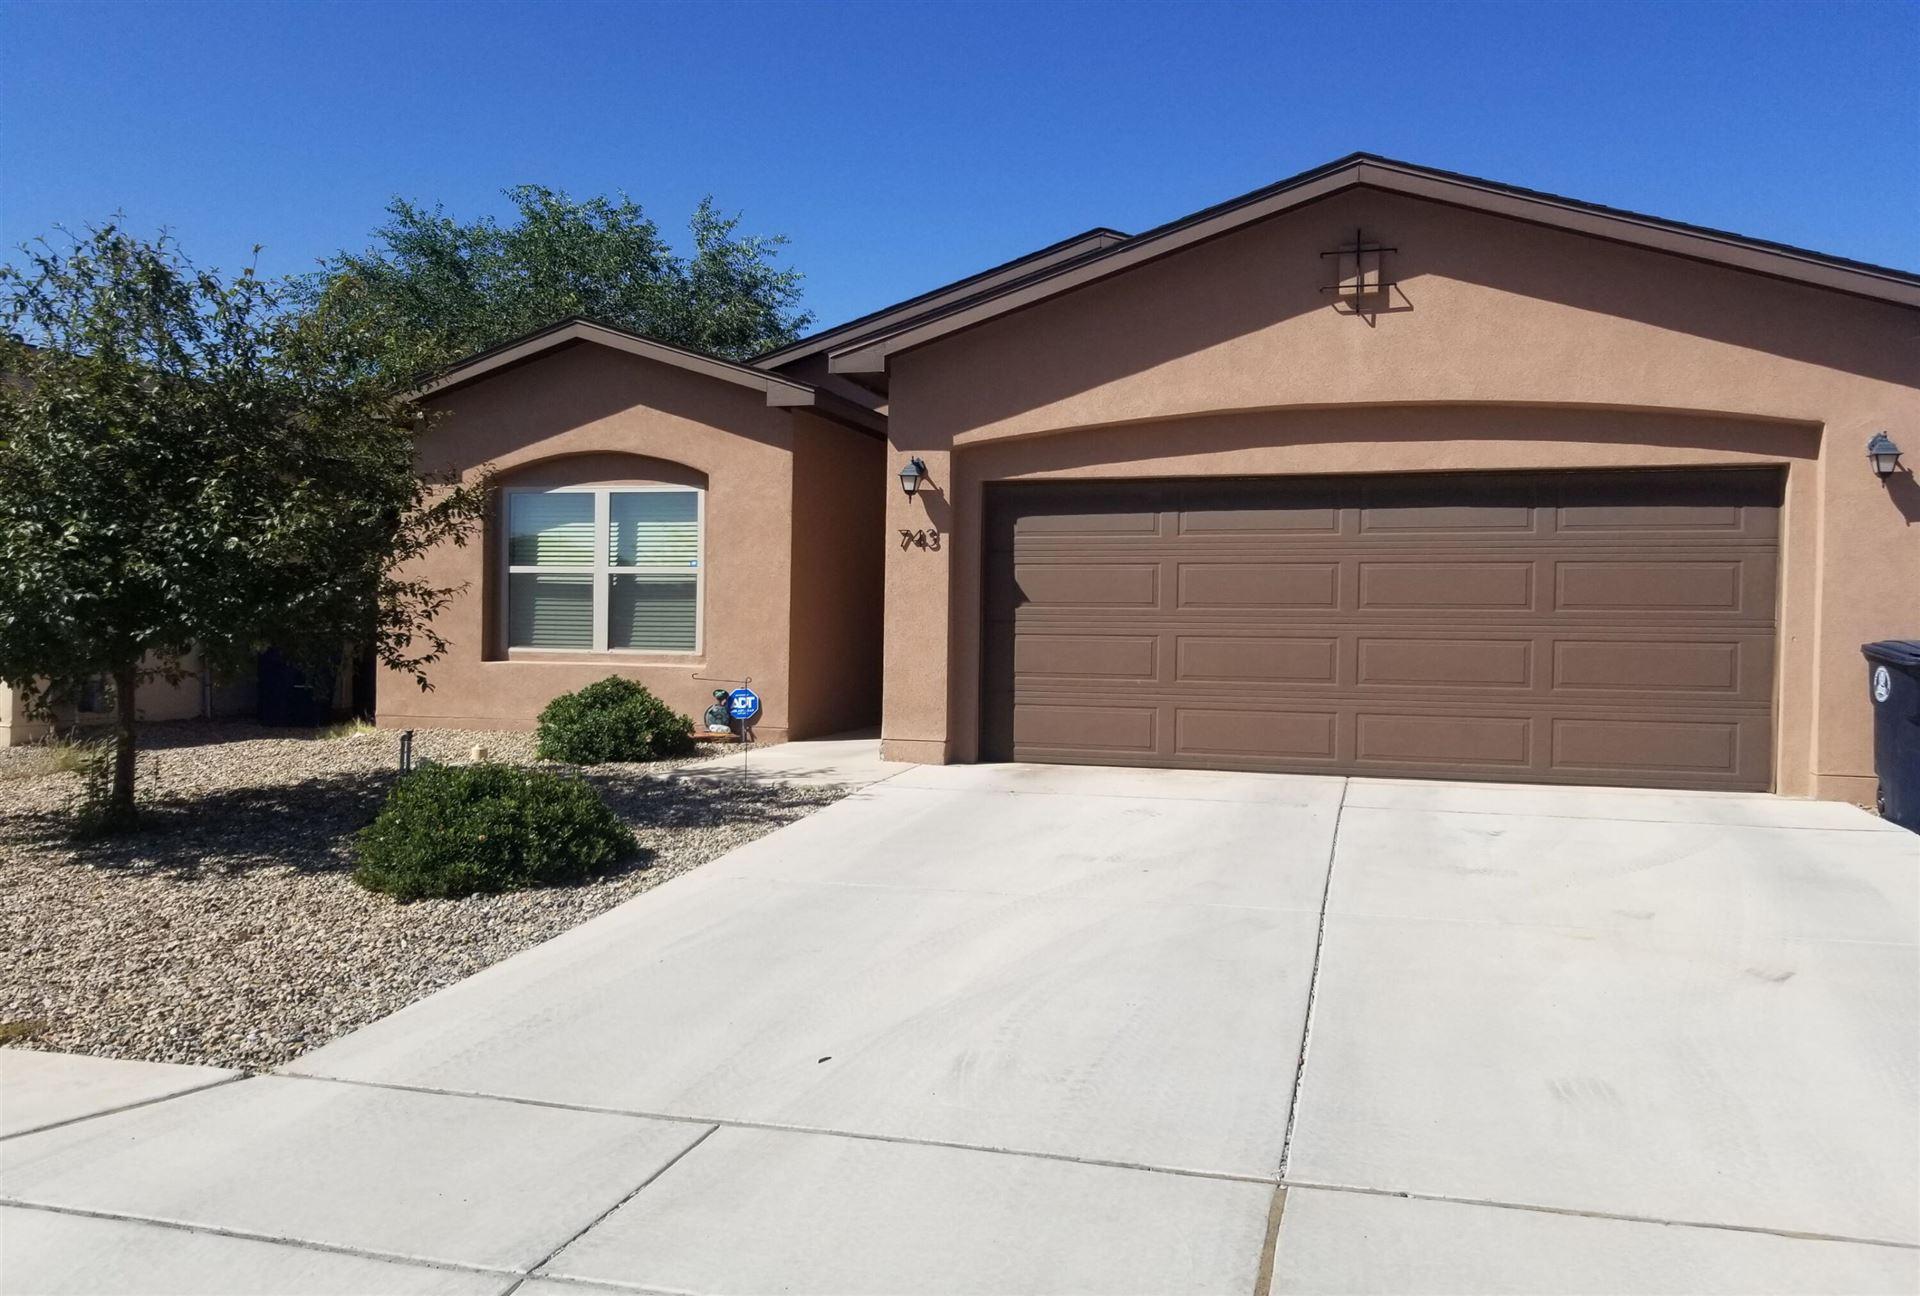 743 TAOS Place SW, Albuquerque, NM 87121 - #: 1001715